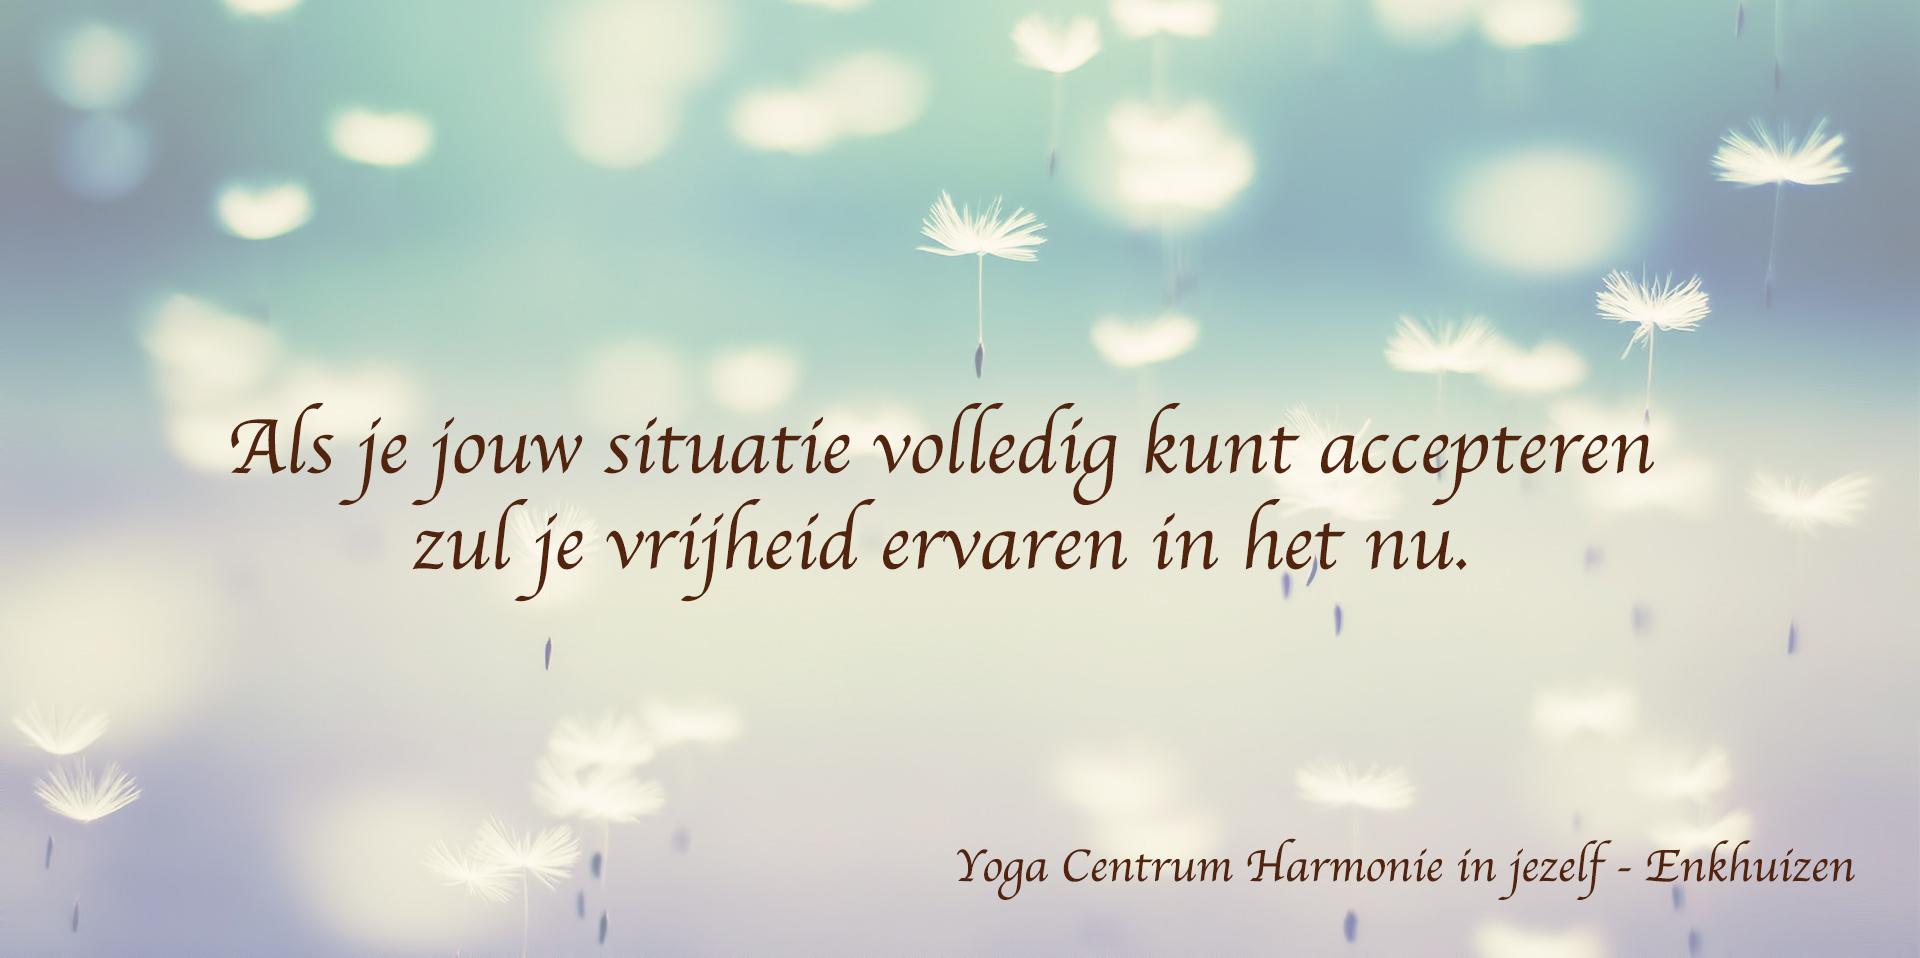 Yoga & Mindfulness Centrum Harmonie in jezelf